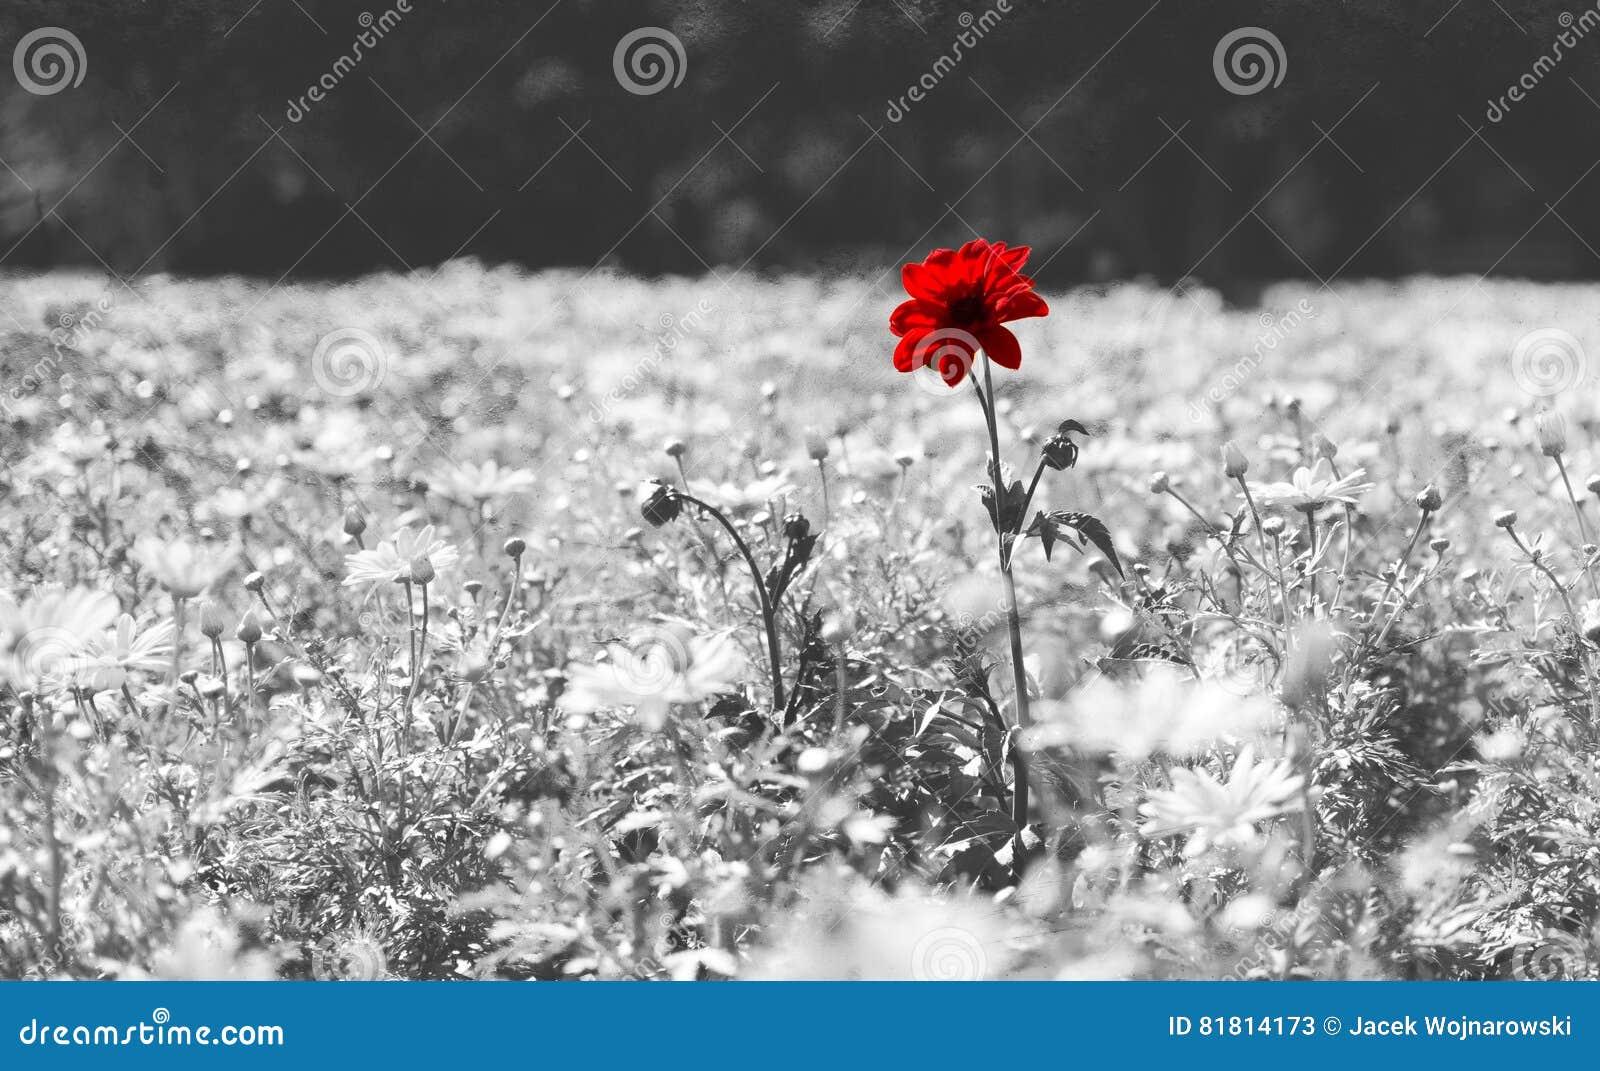 Roter Poppy Flower On Black And Wei Hintergrund Stockbild Bild